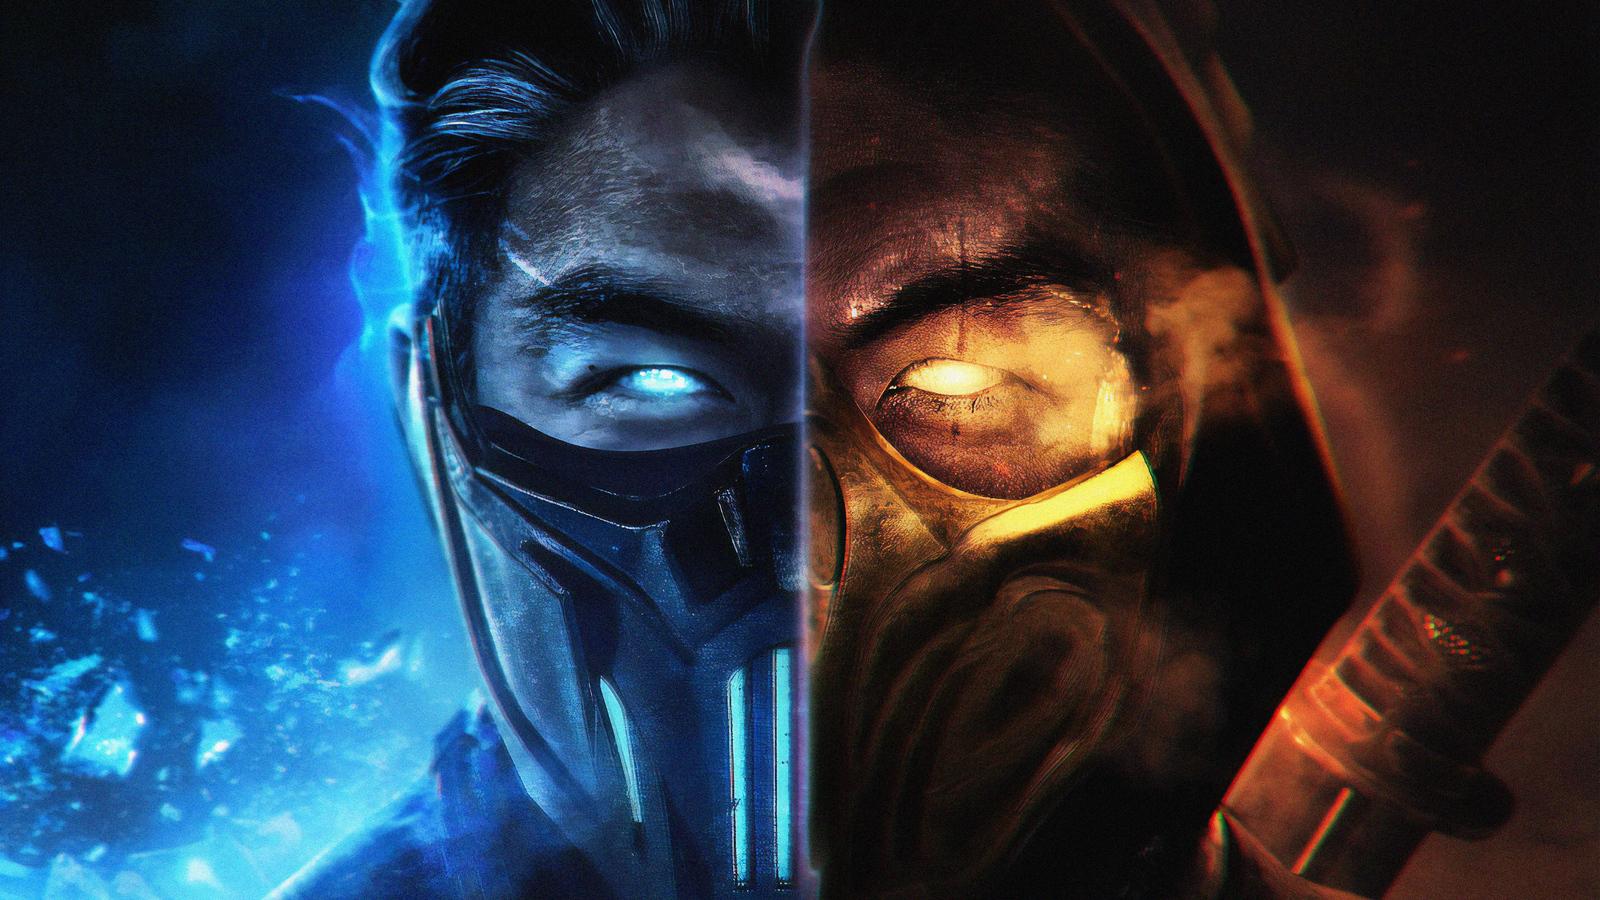 1600x900 Mortal Kombat Subzero And Scorpion 1600x900 Resolution Hd